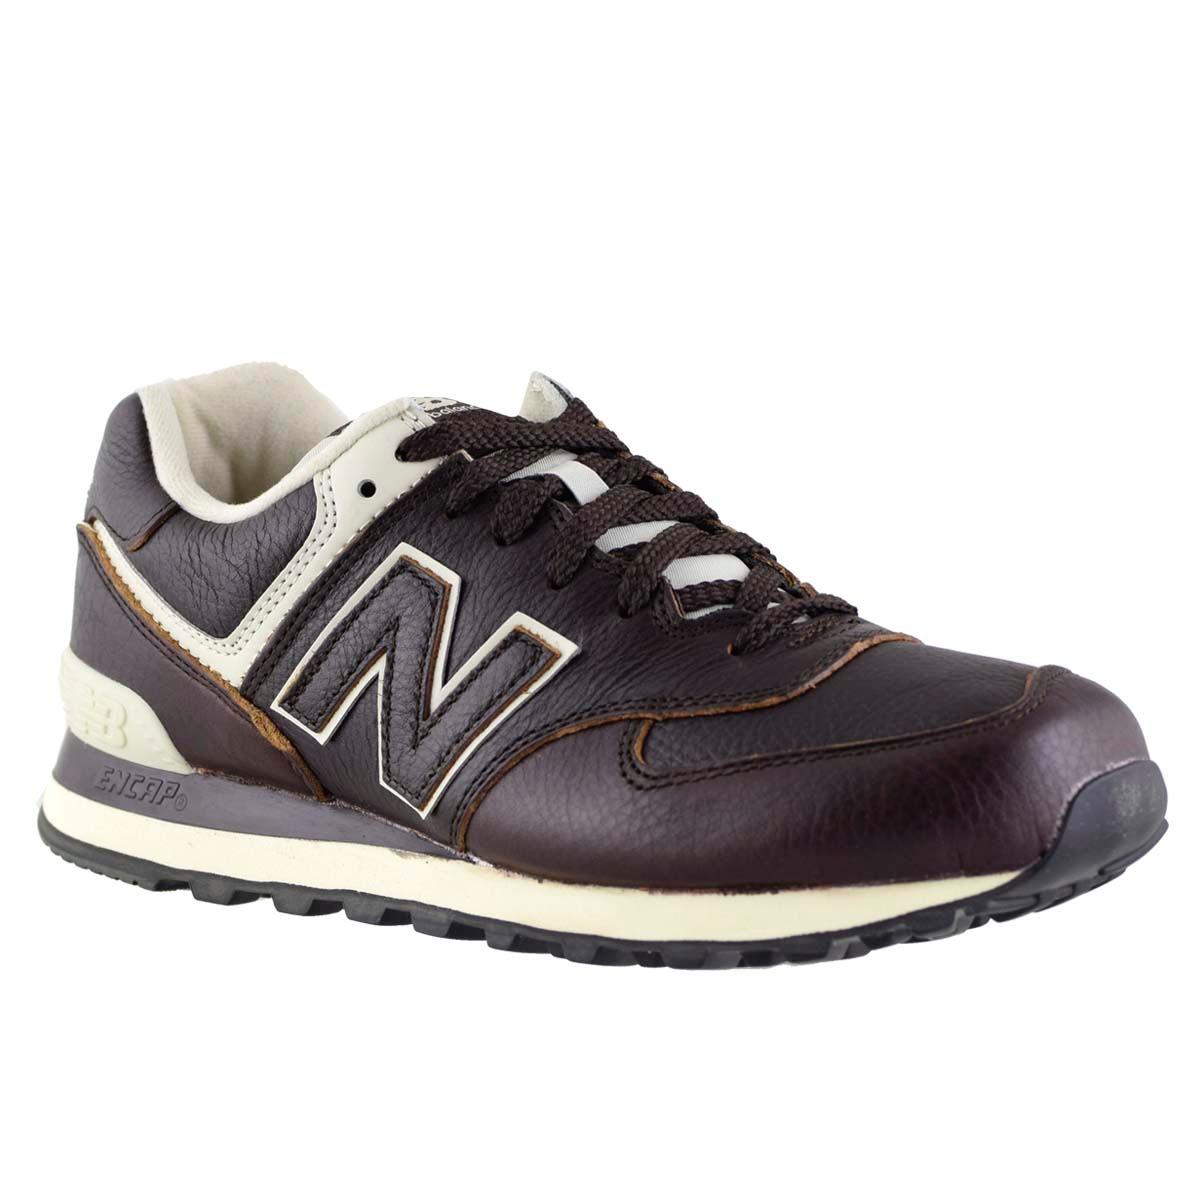 zapatillas new balance marron hombre